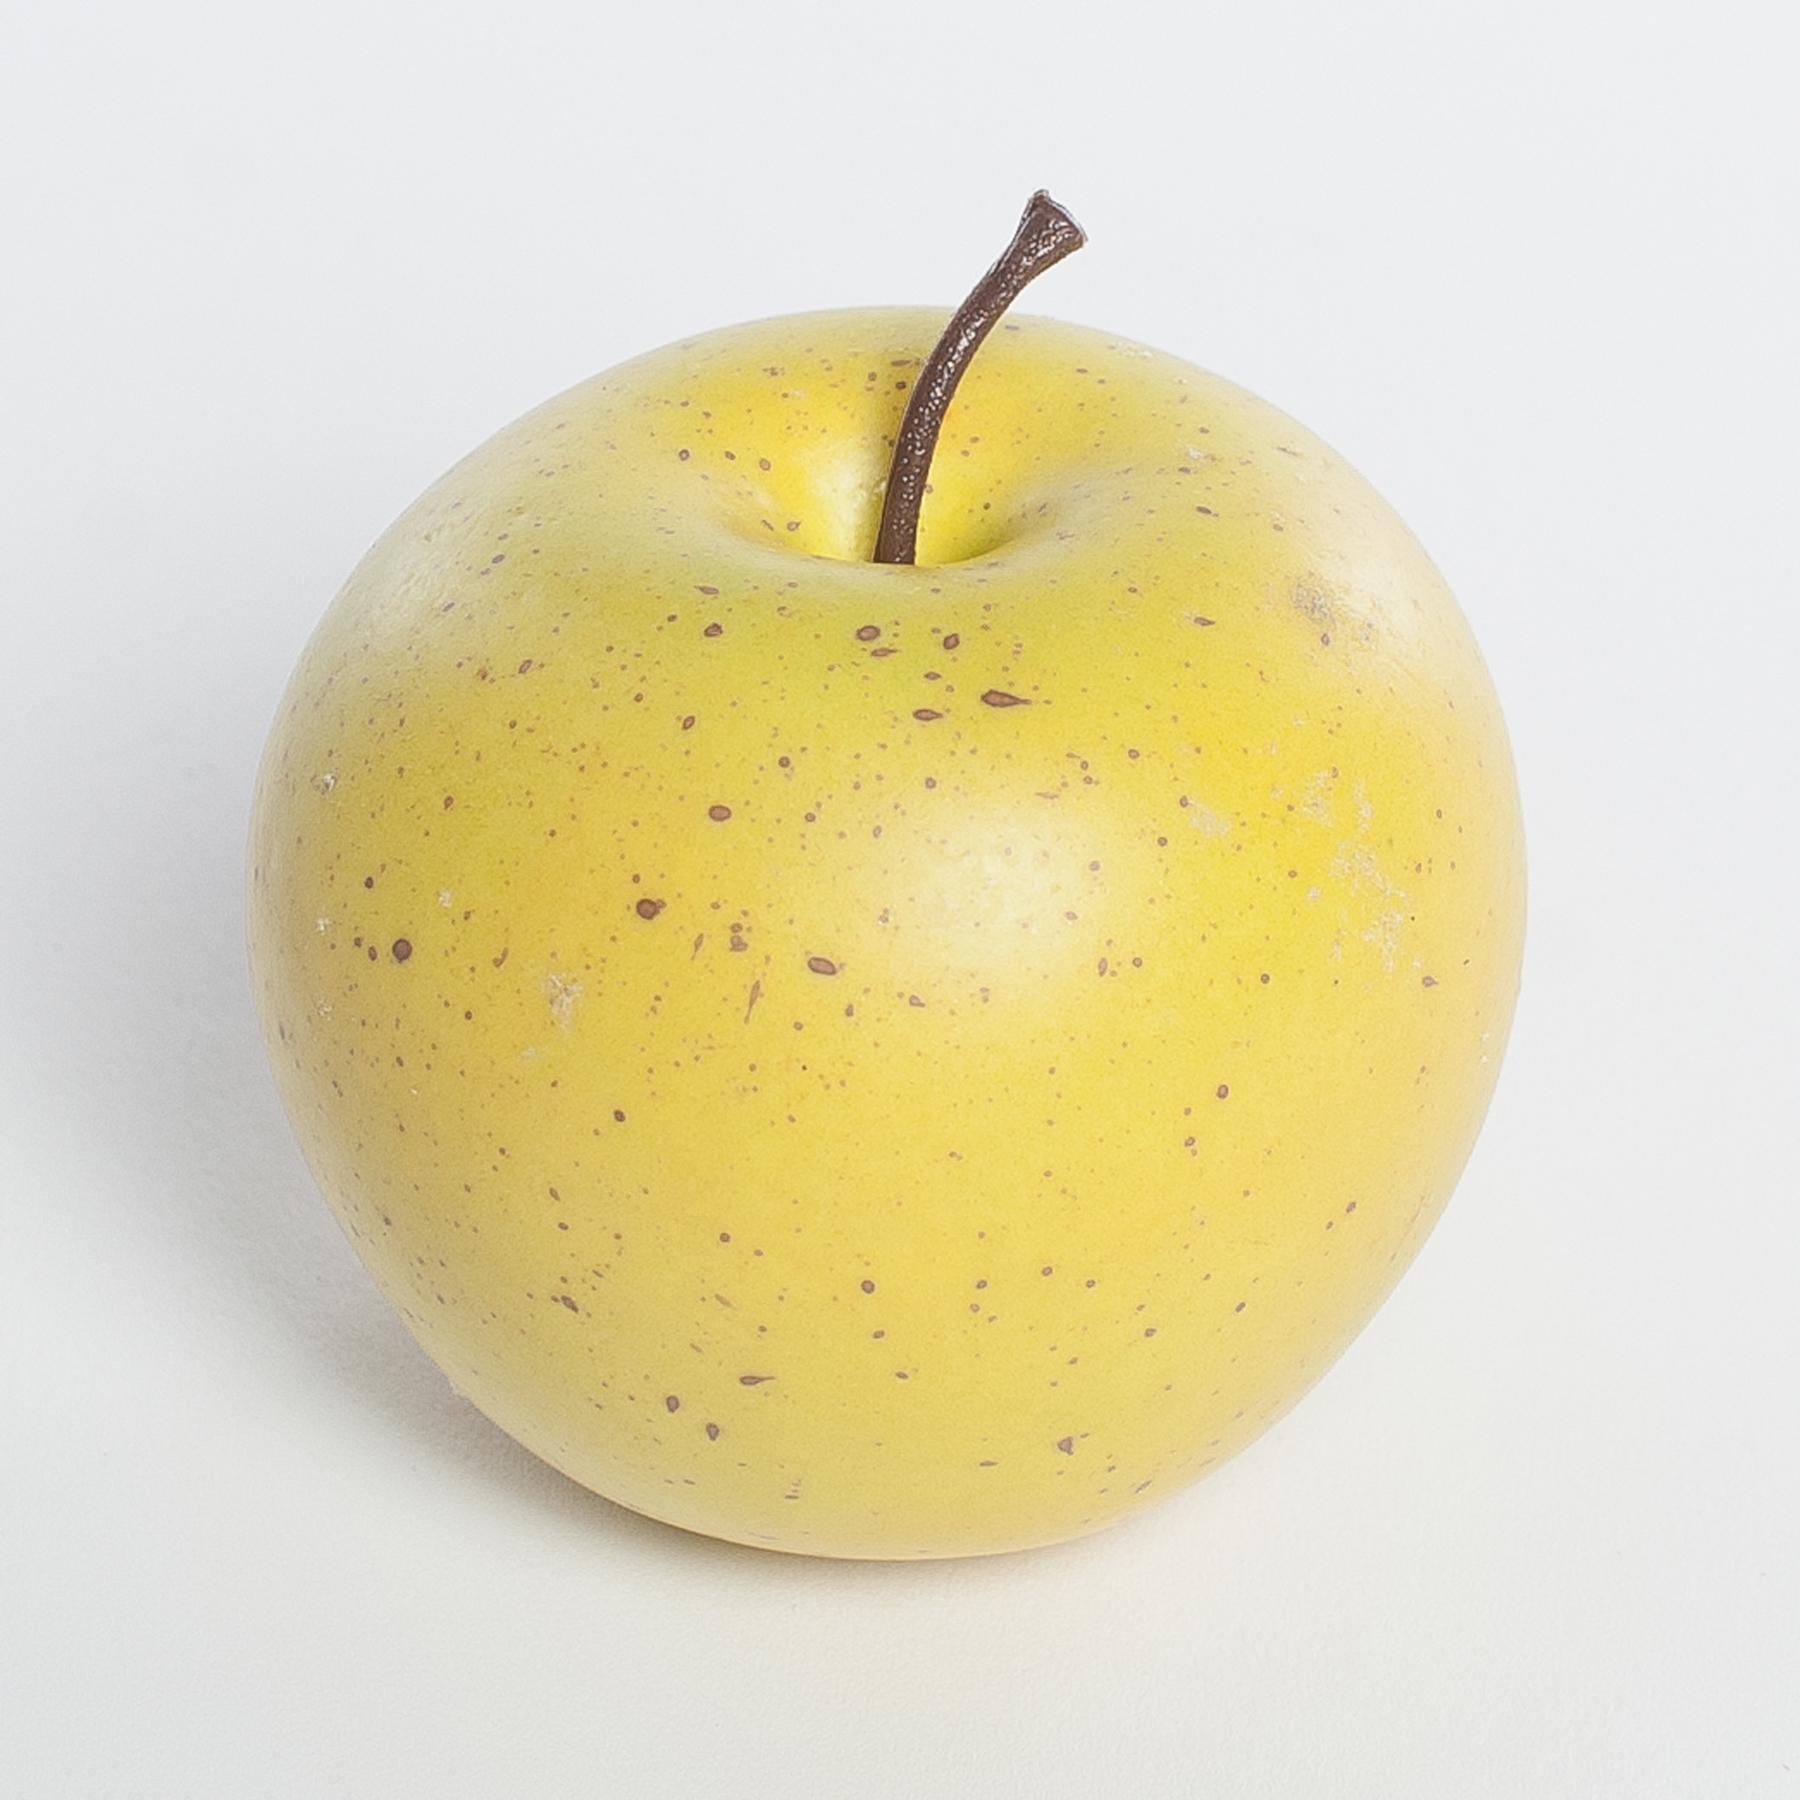 apple golden delicious justice distribution. Black Bedroom Furniture Sets. Home Design Ideas